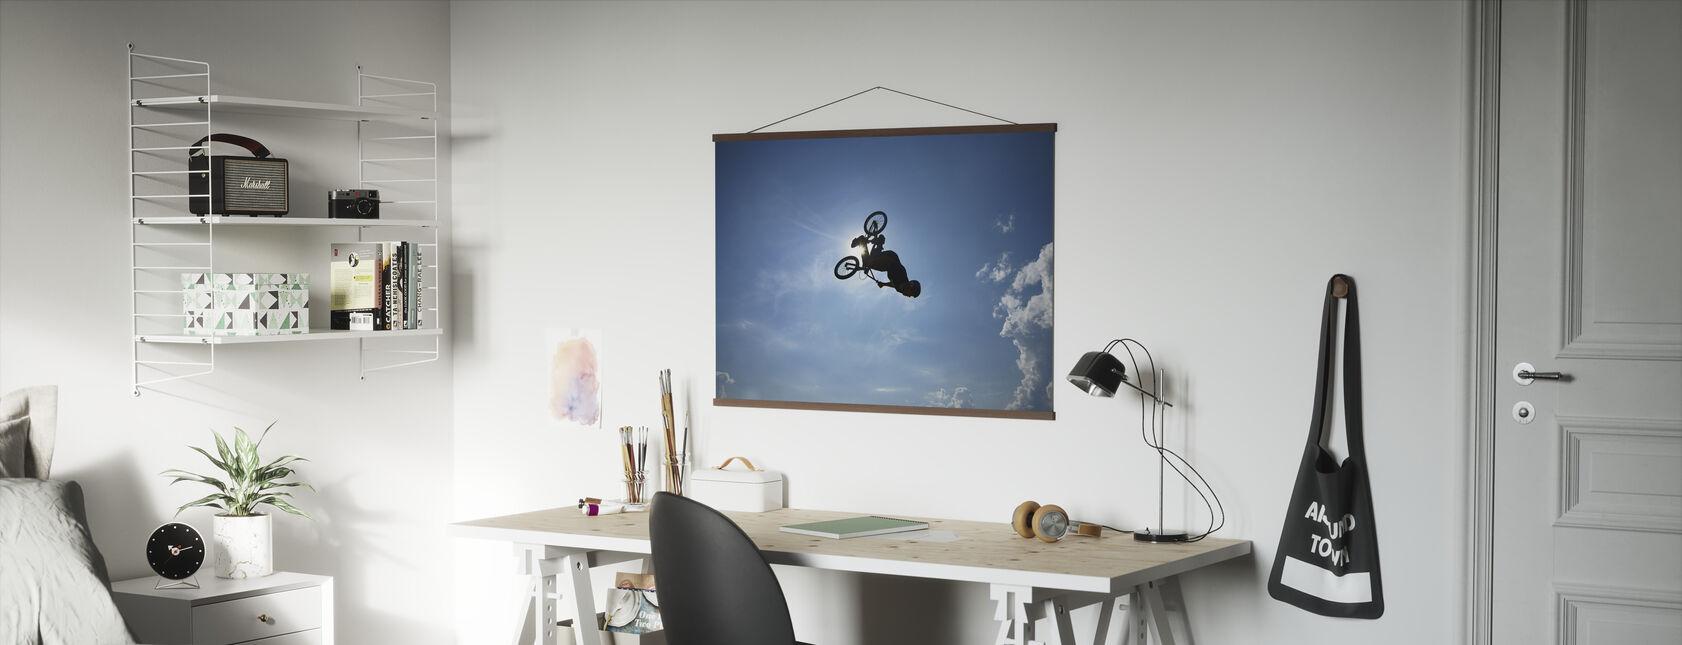 BMX Backflip - Poster - Office